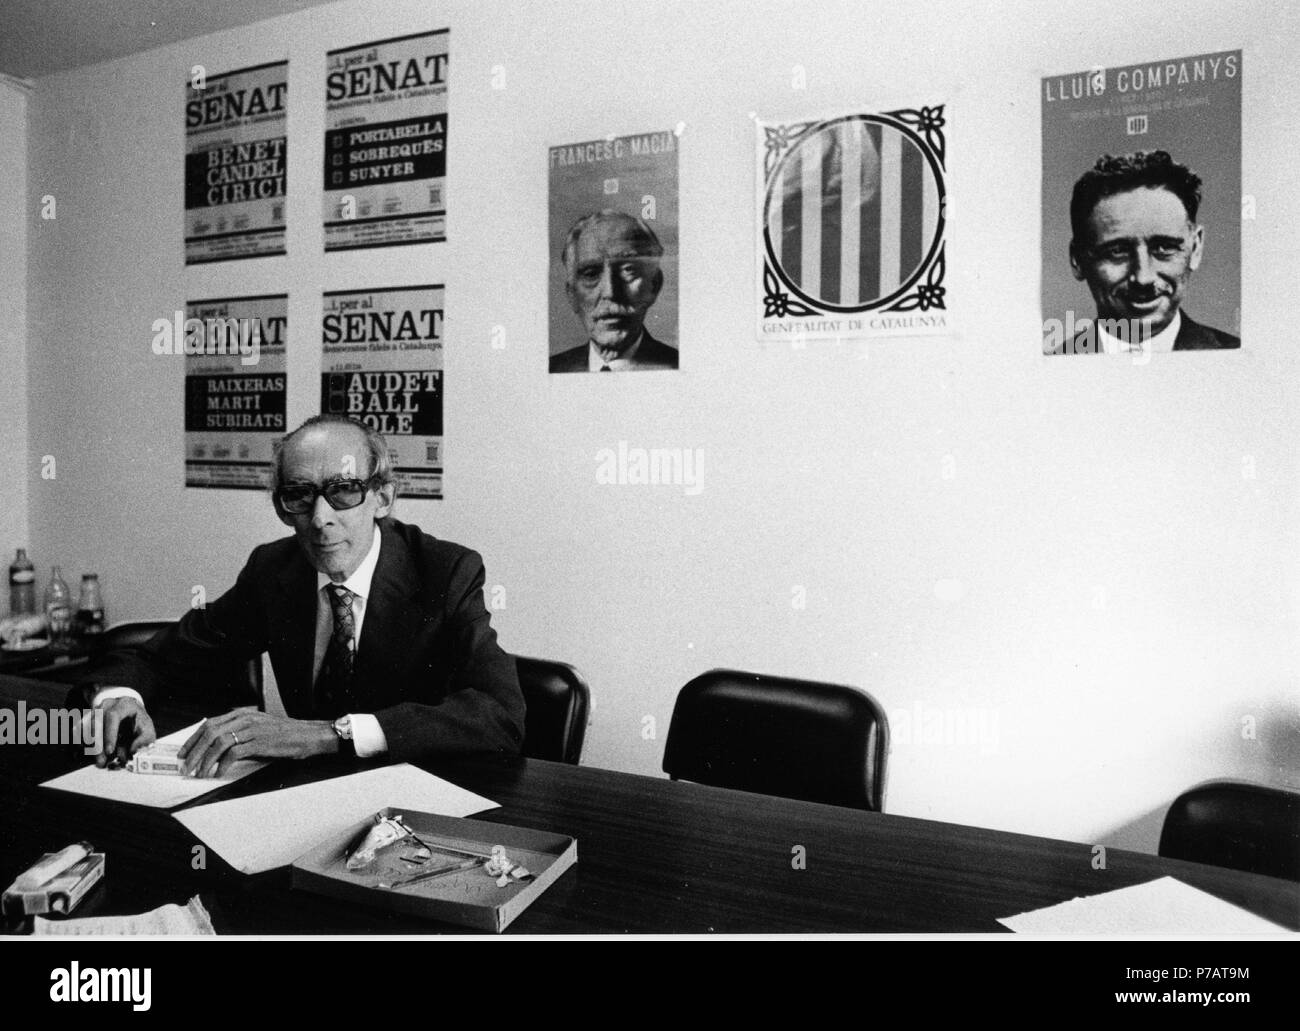 Josep Benet, en su despacho, candidato al Senado en las primeras elecciones democráticas en 1979. Foto Stock